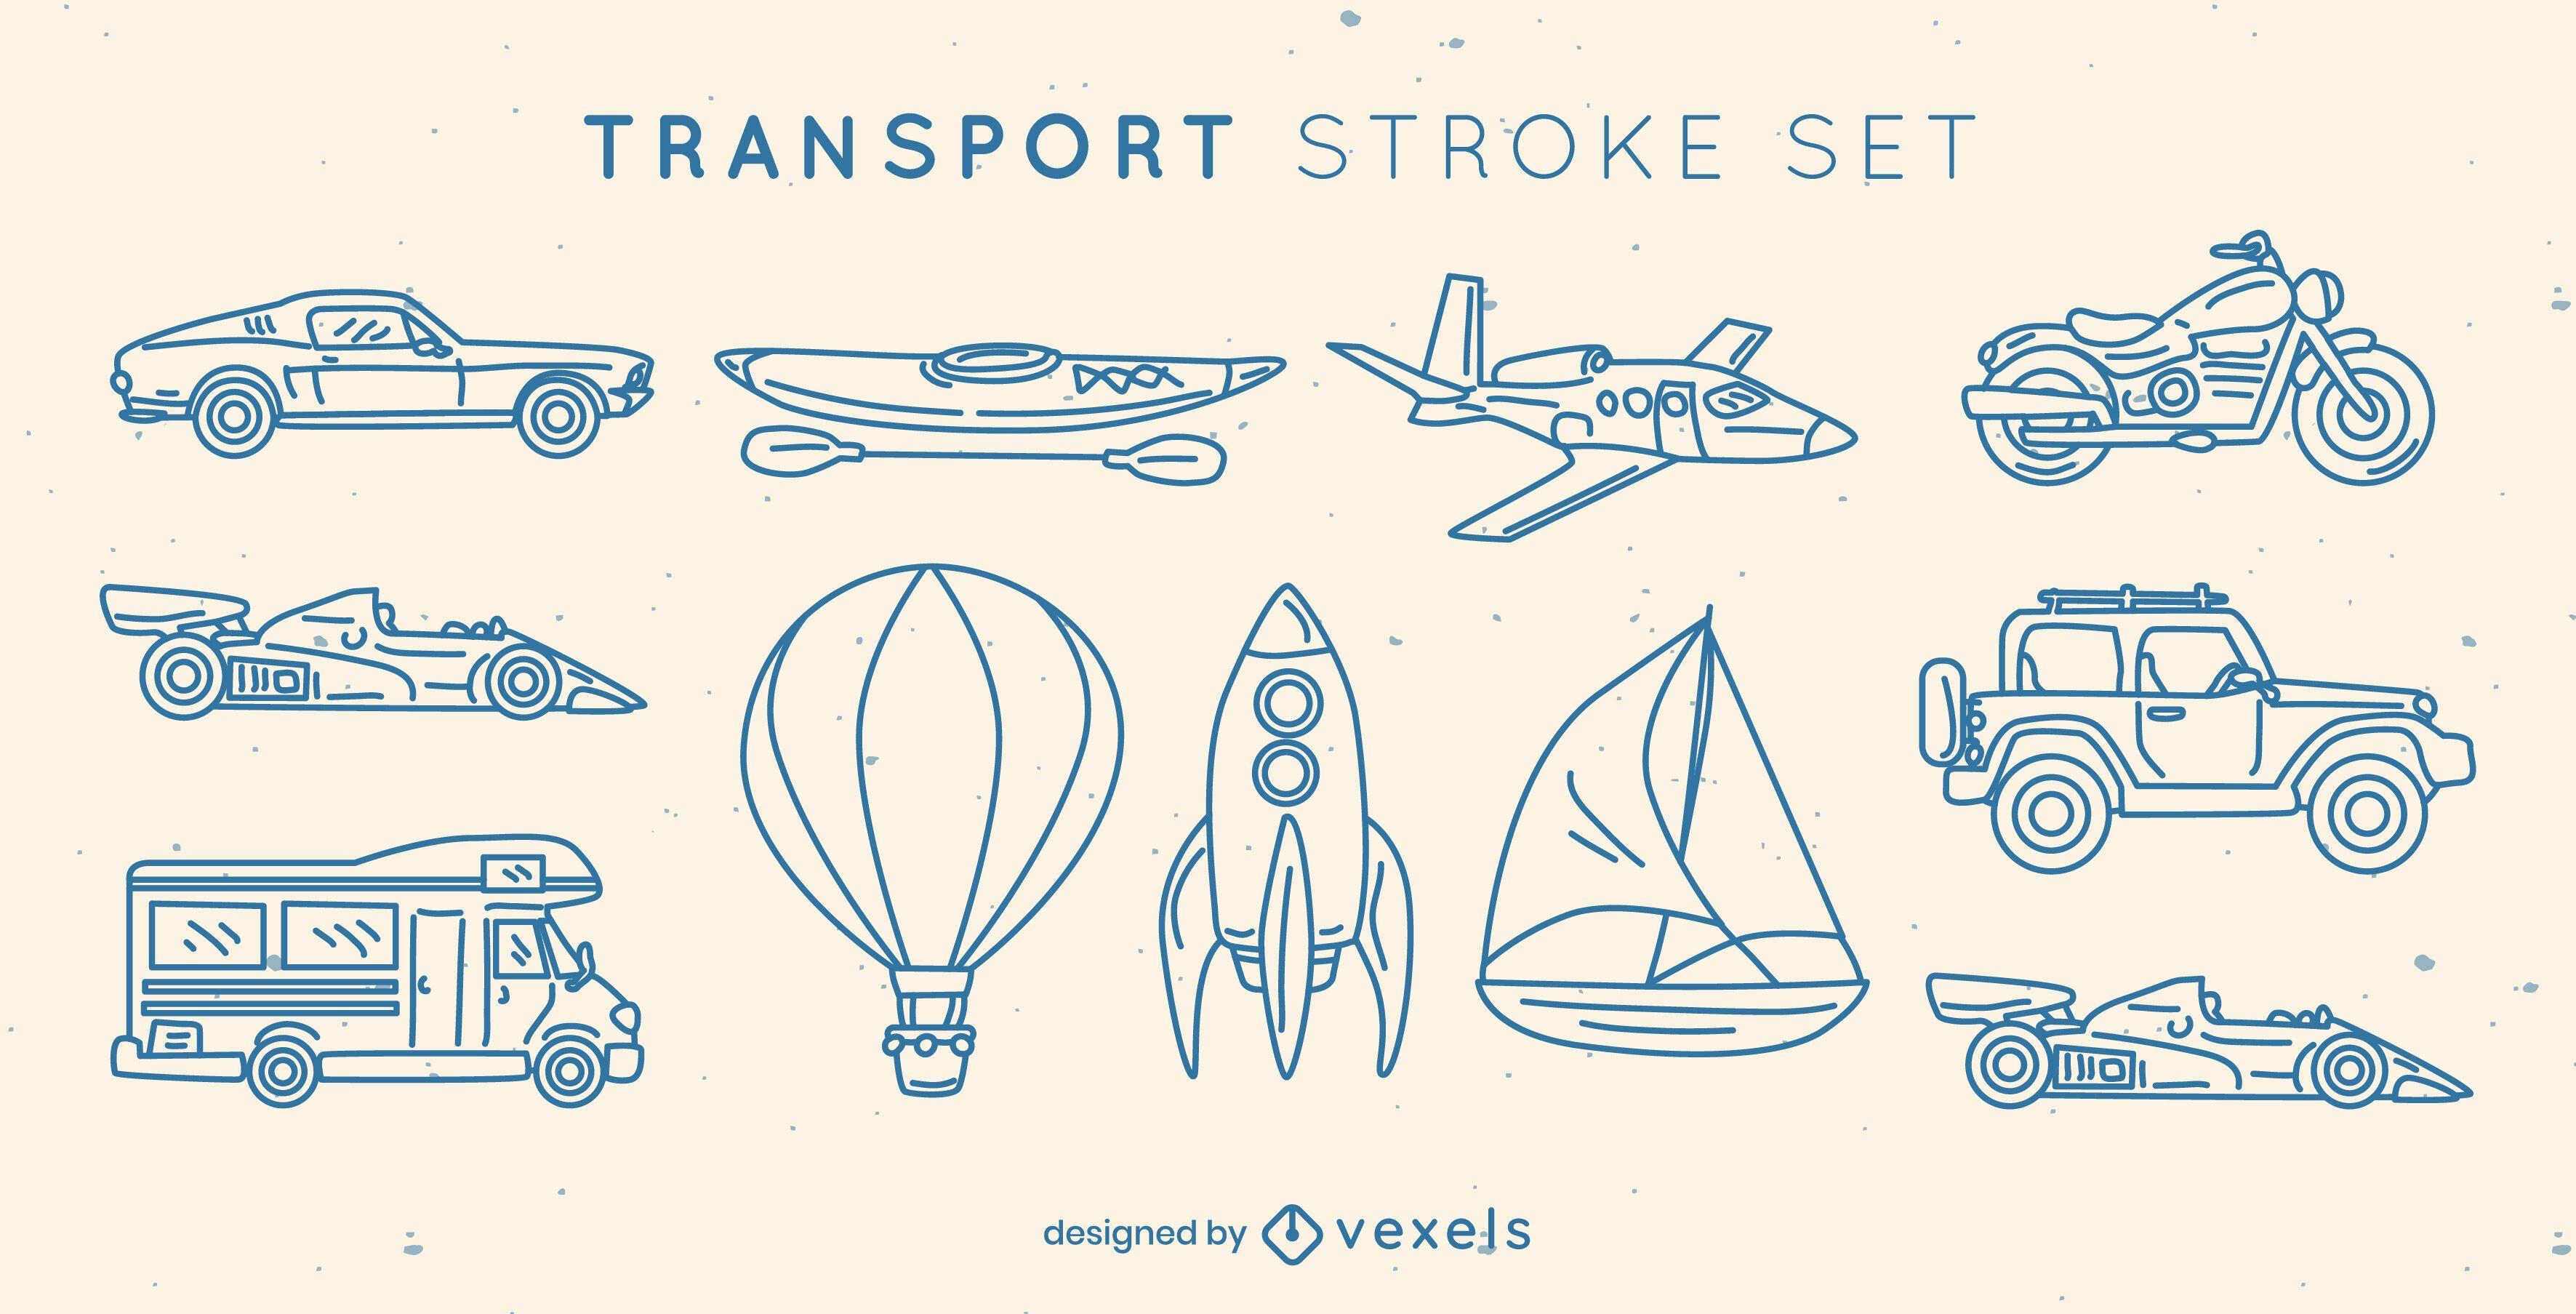 Set of transport stroke elements